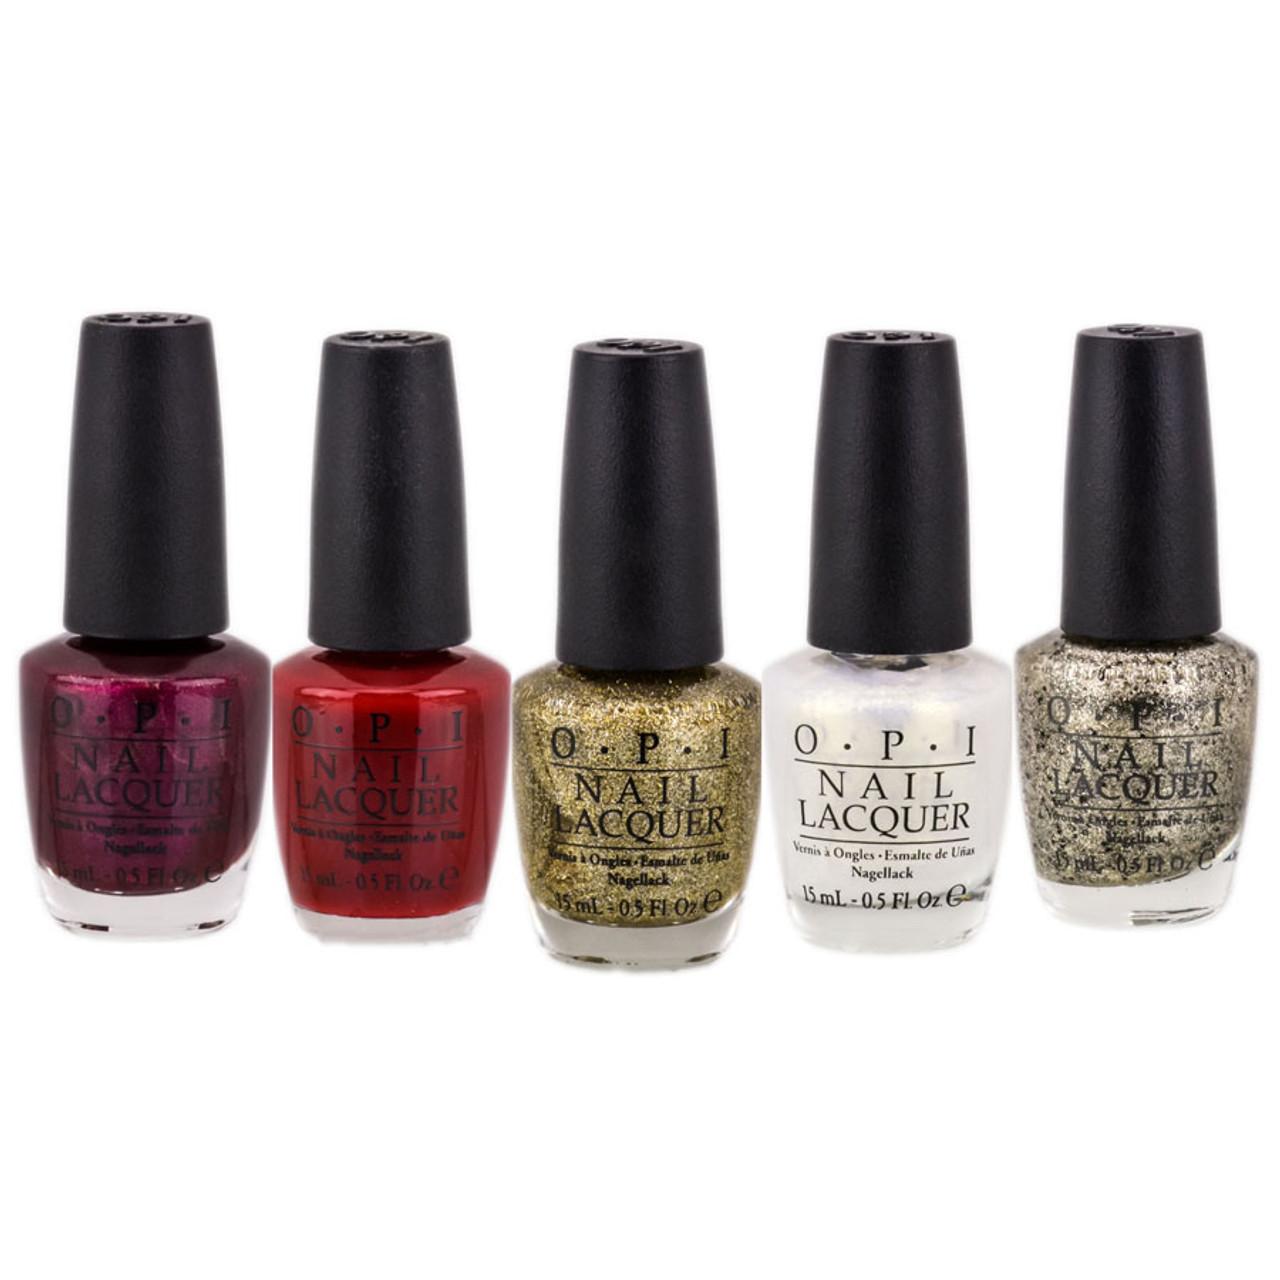 OPI Nail Polish Mariah Carey Winter Collection - SleekShop.com ...